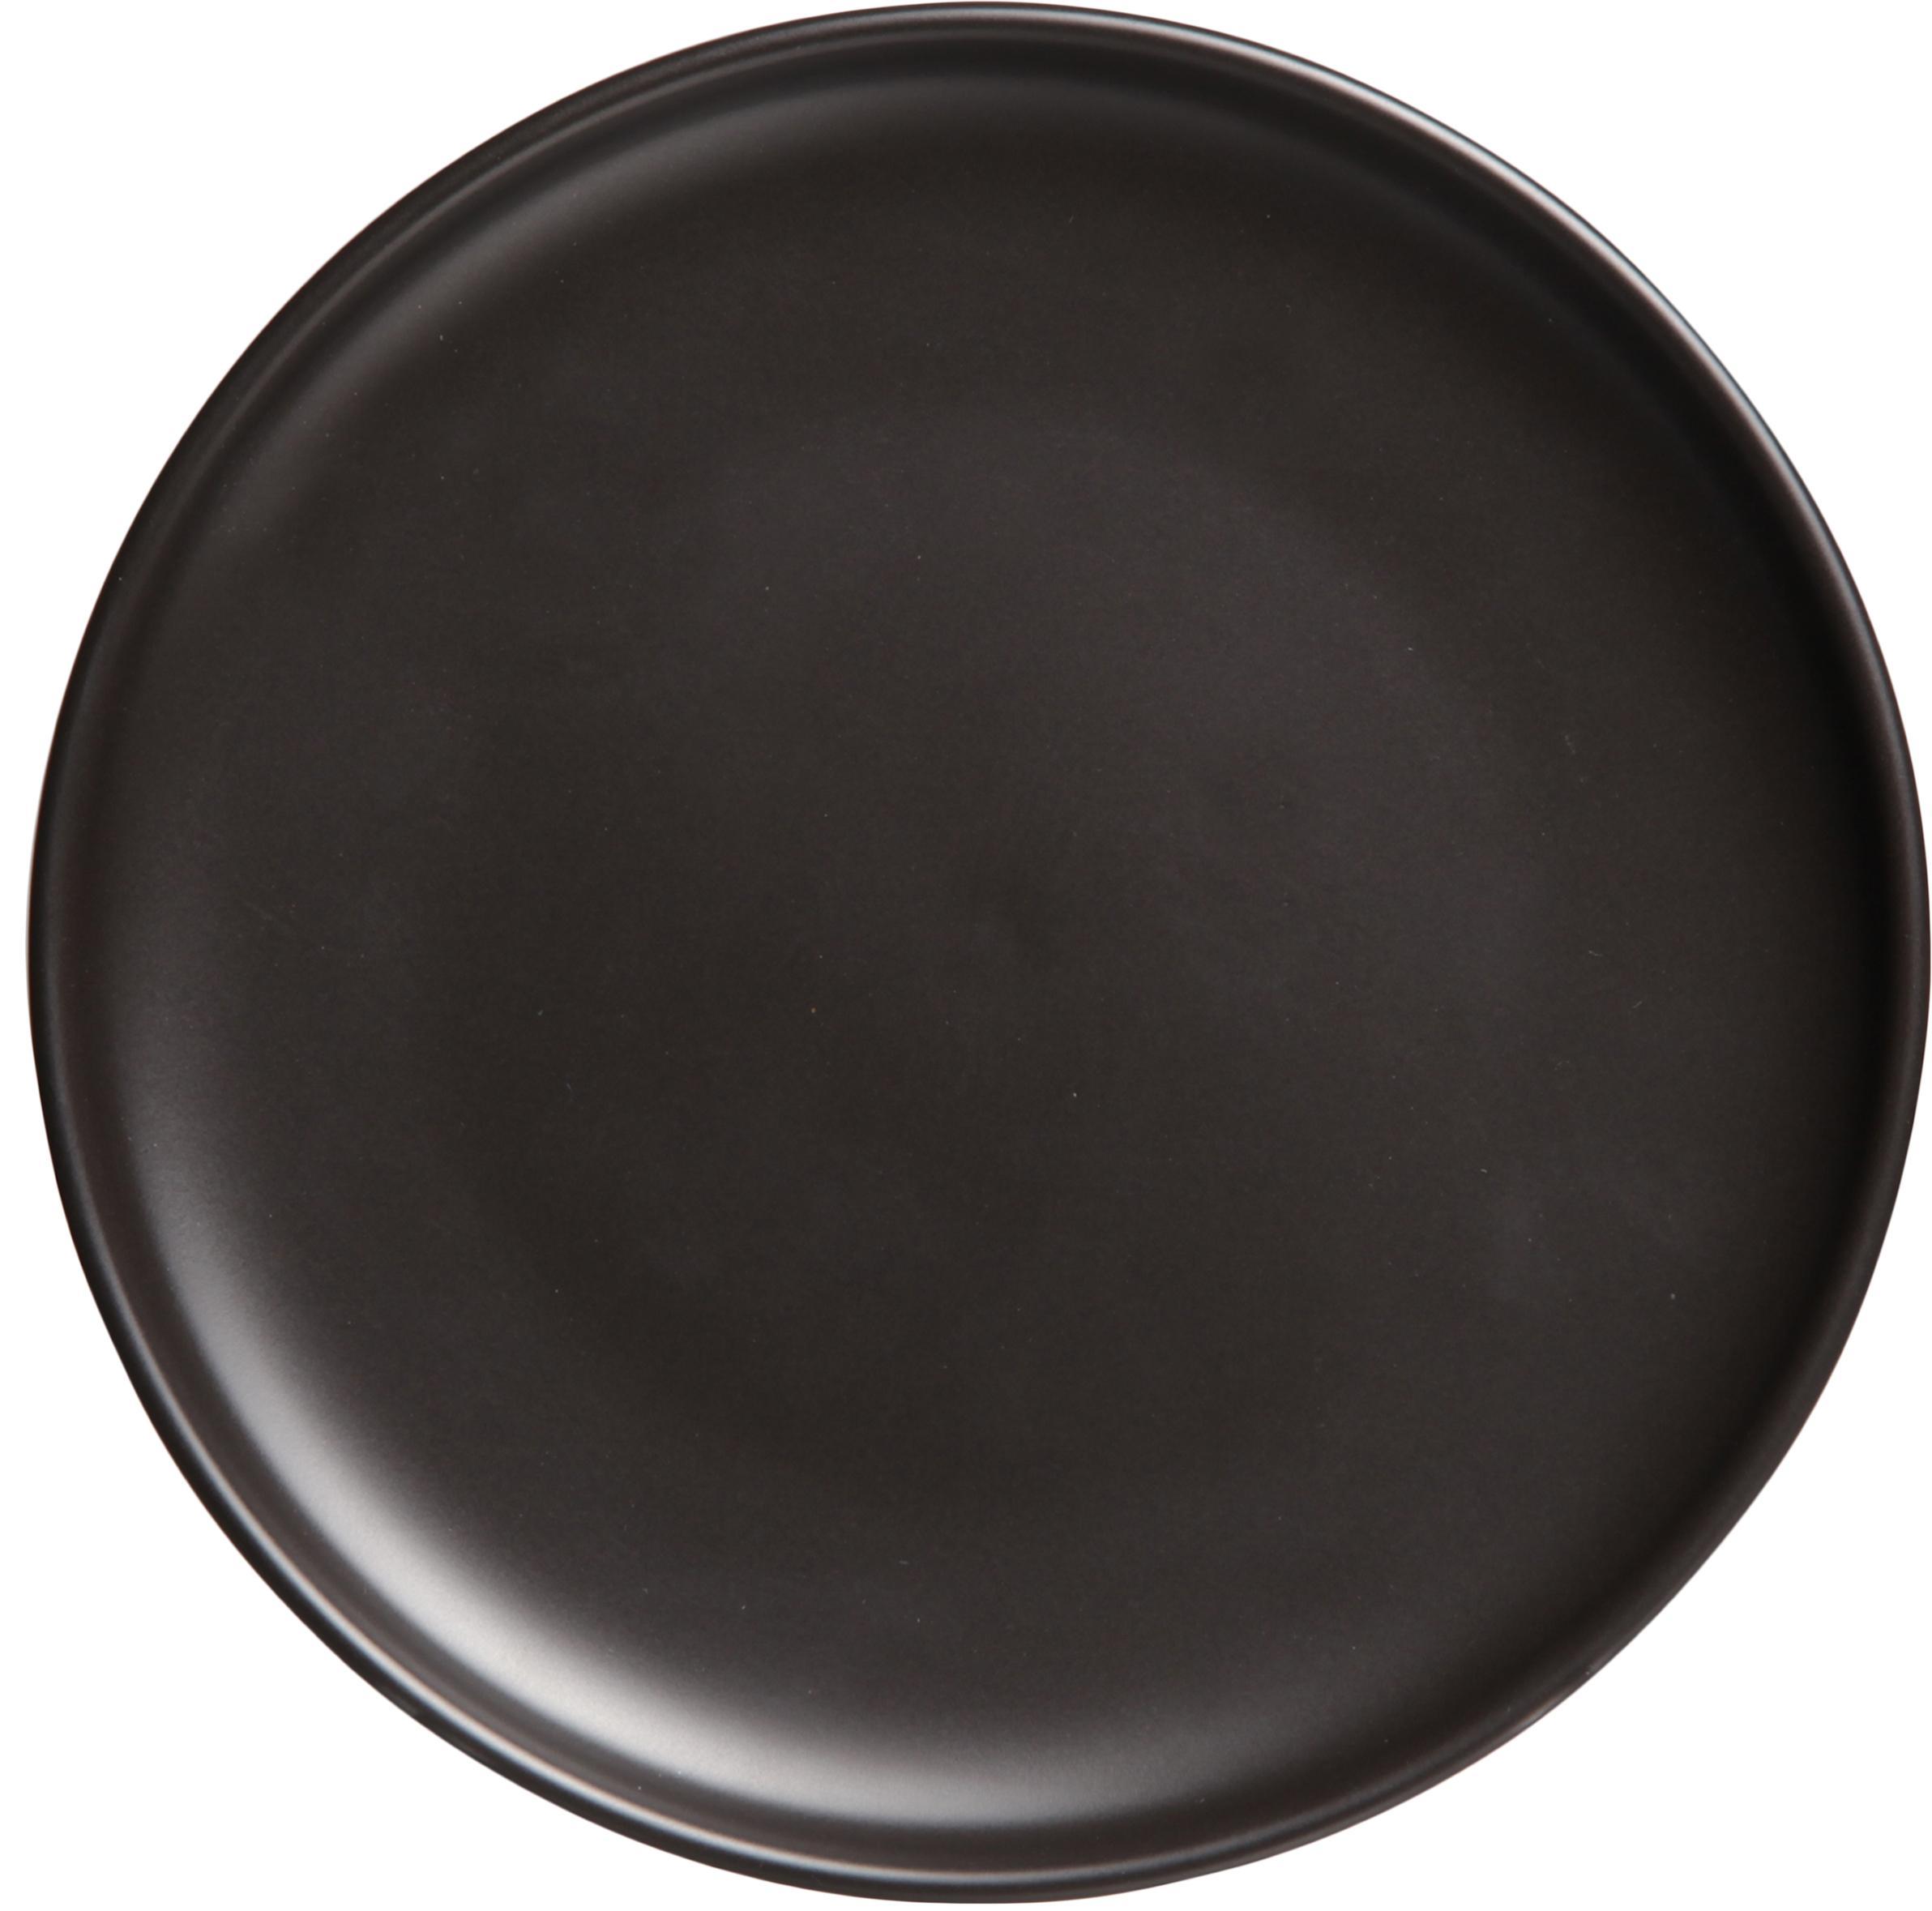 Dinerborden Okinawa, 4 stuks, Keramiek, Mat zwart, Ø 27 cm